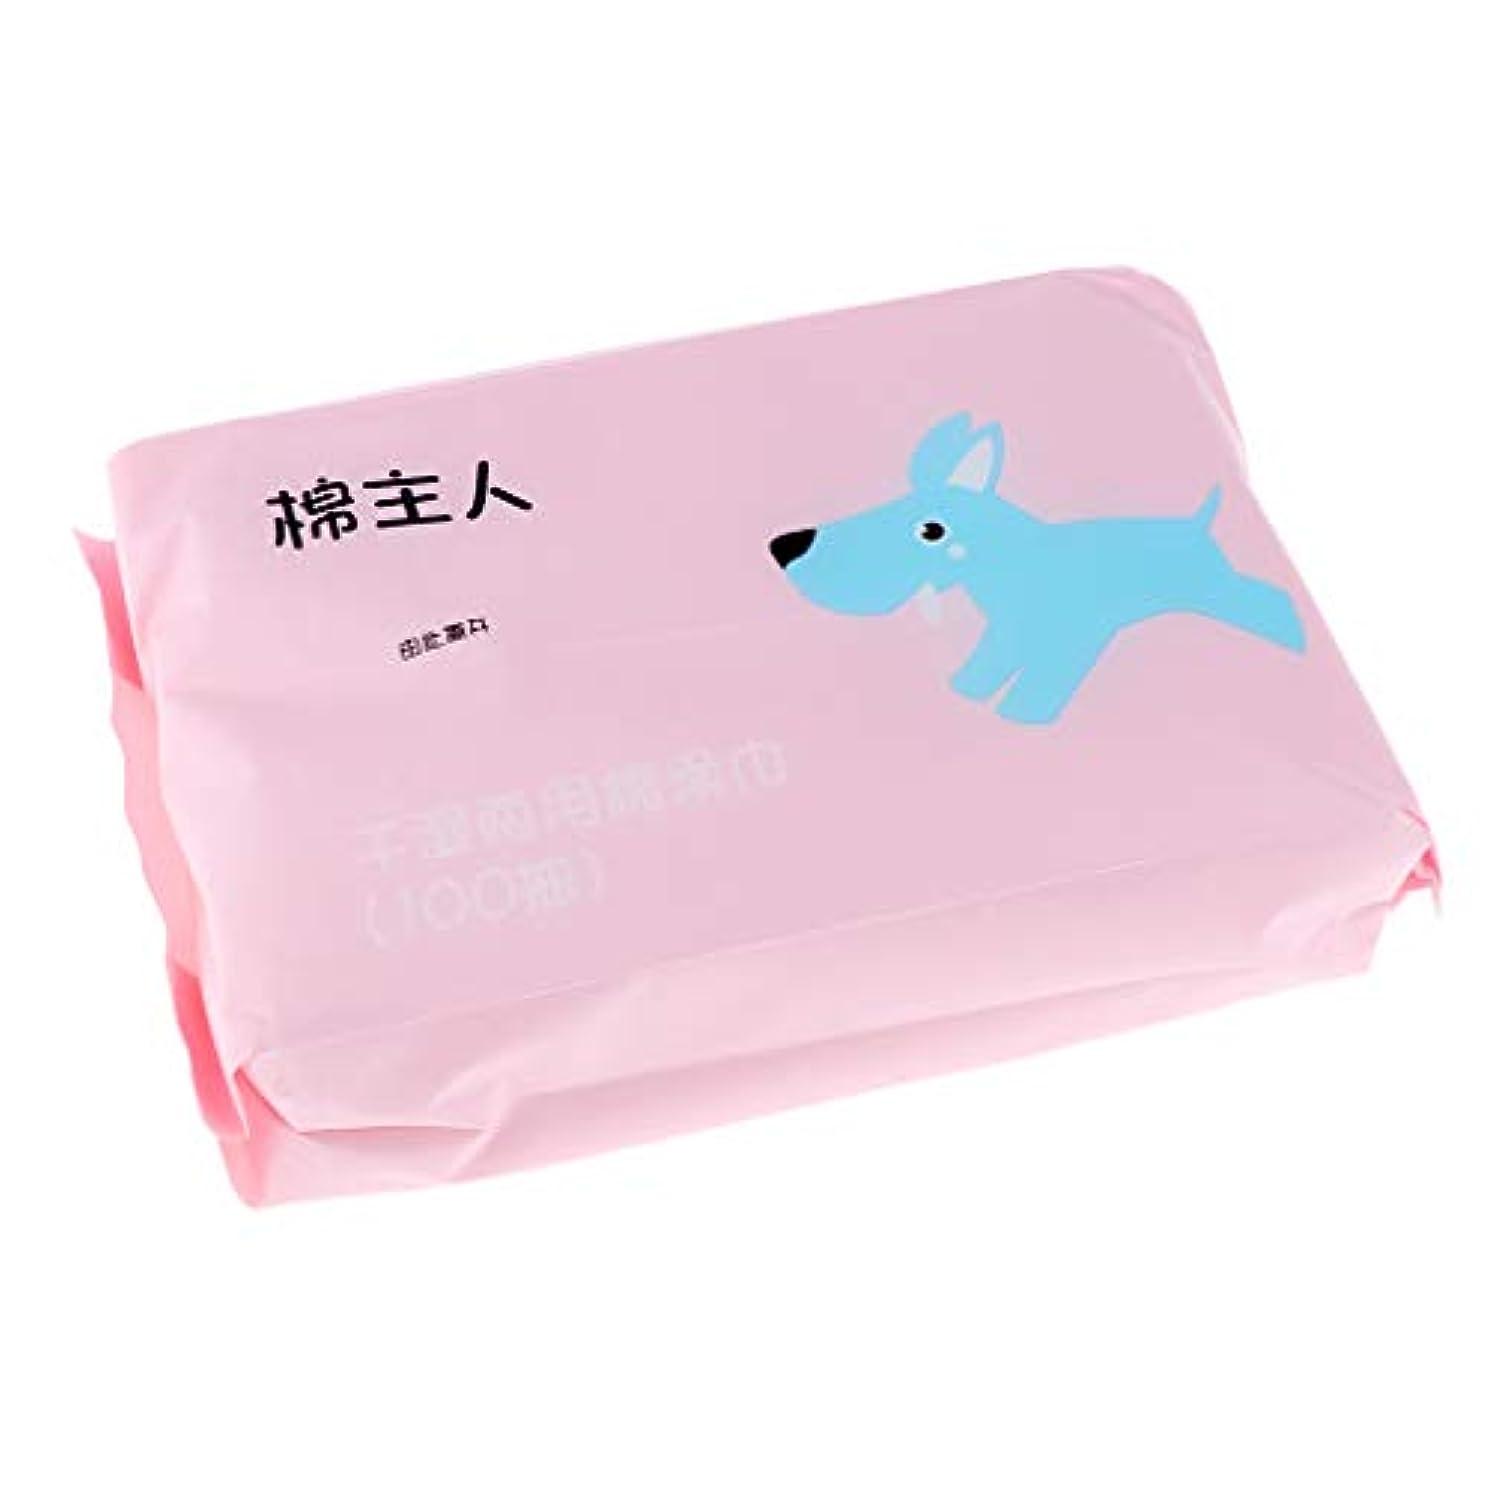 苦悩勉強する俳優IPOTCH 約100枚 使い捨て クリーニング フェイスタオル 化粧品 ソフト フェイシャルワイプ 2色選べ - ピンク